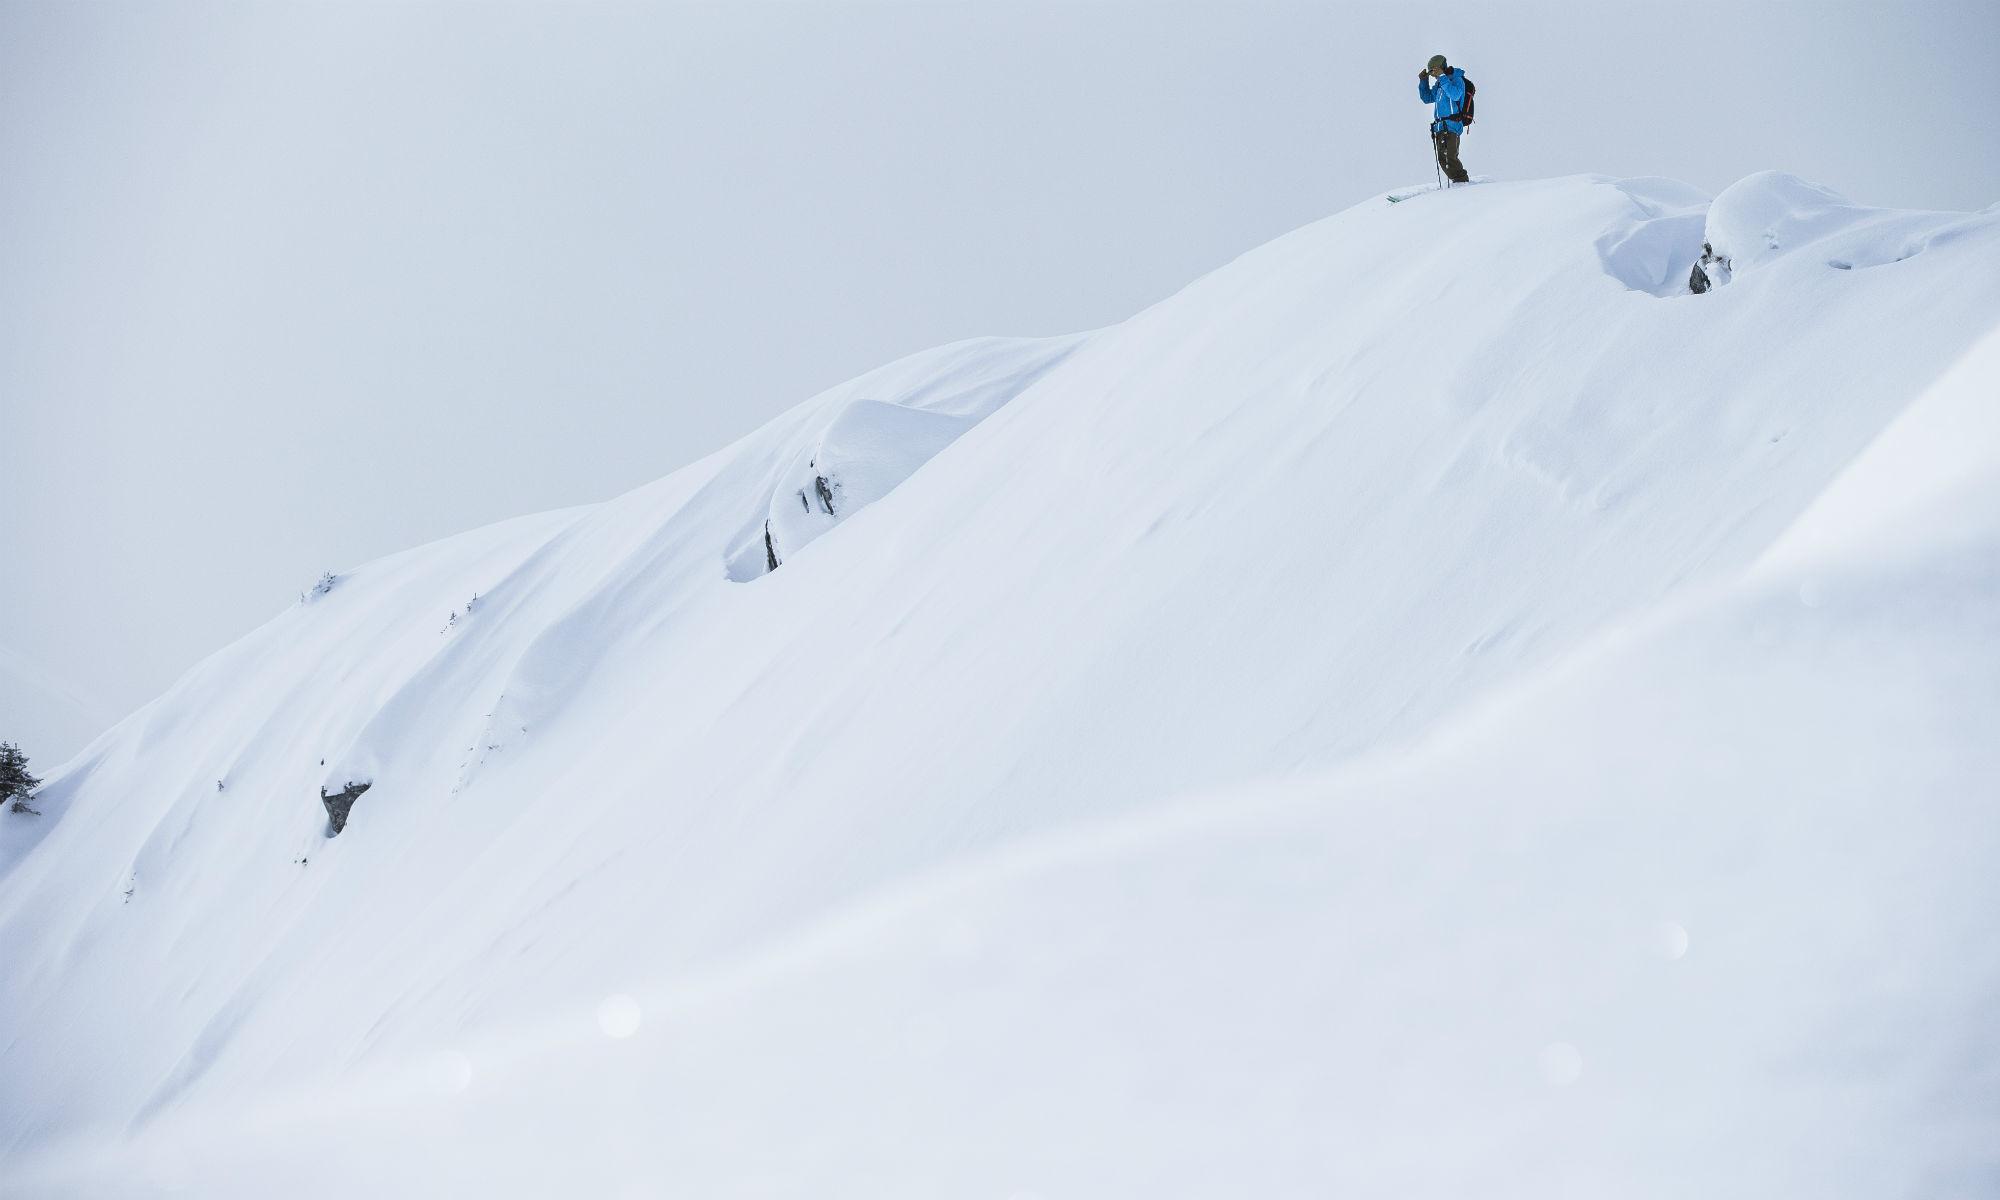 Skifahrer blickt von einer Wechte aus in einen tief verschneiten Hang in Laax.